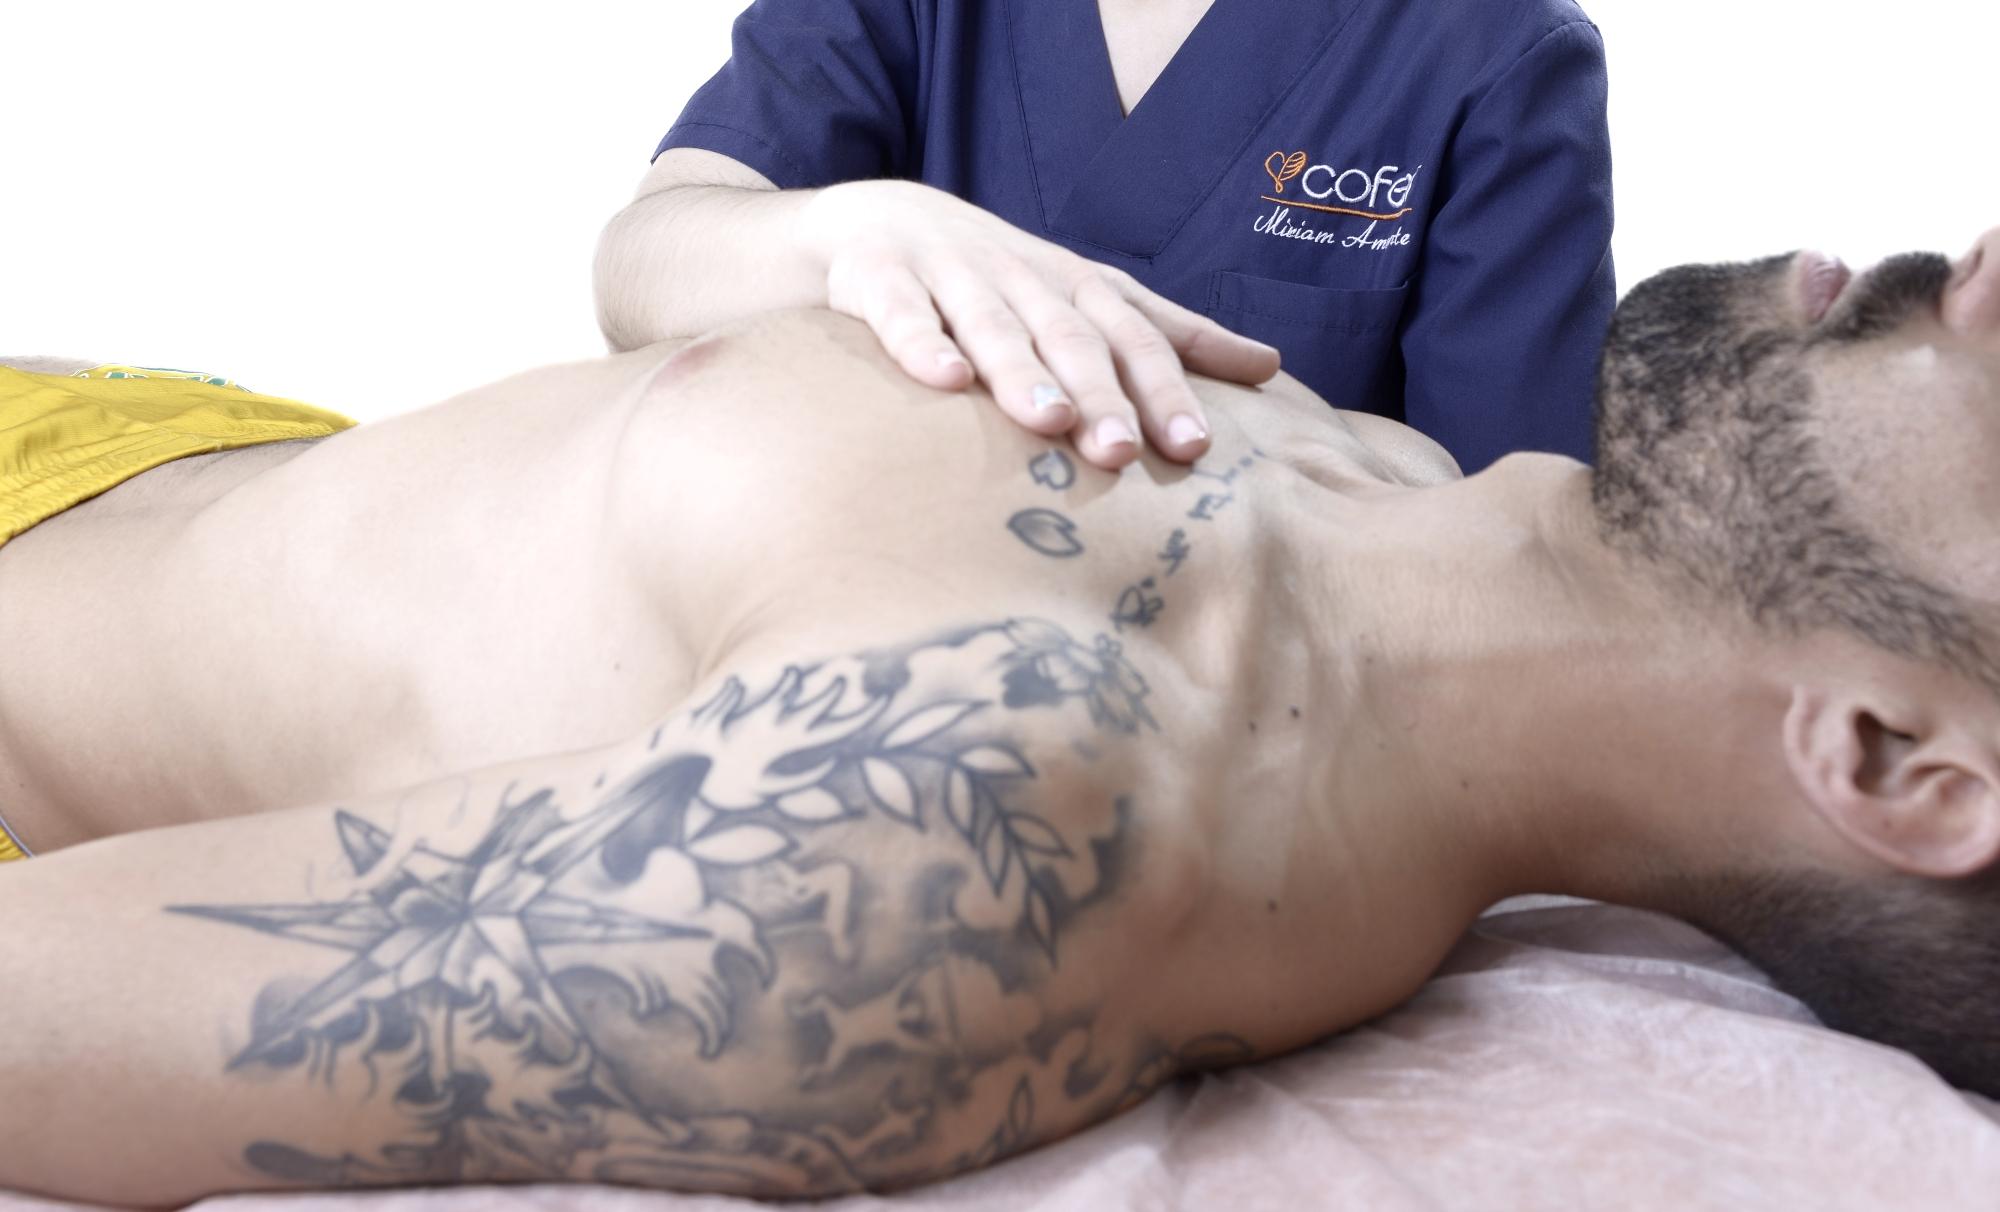 fisioterapia cofer murcia